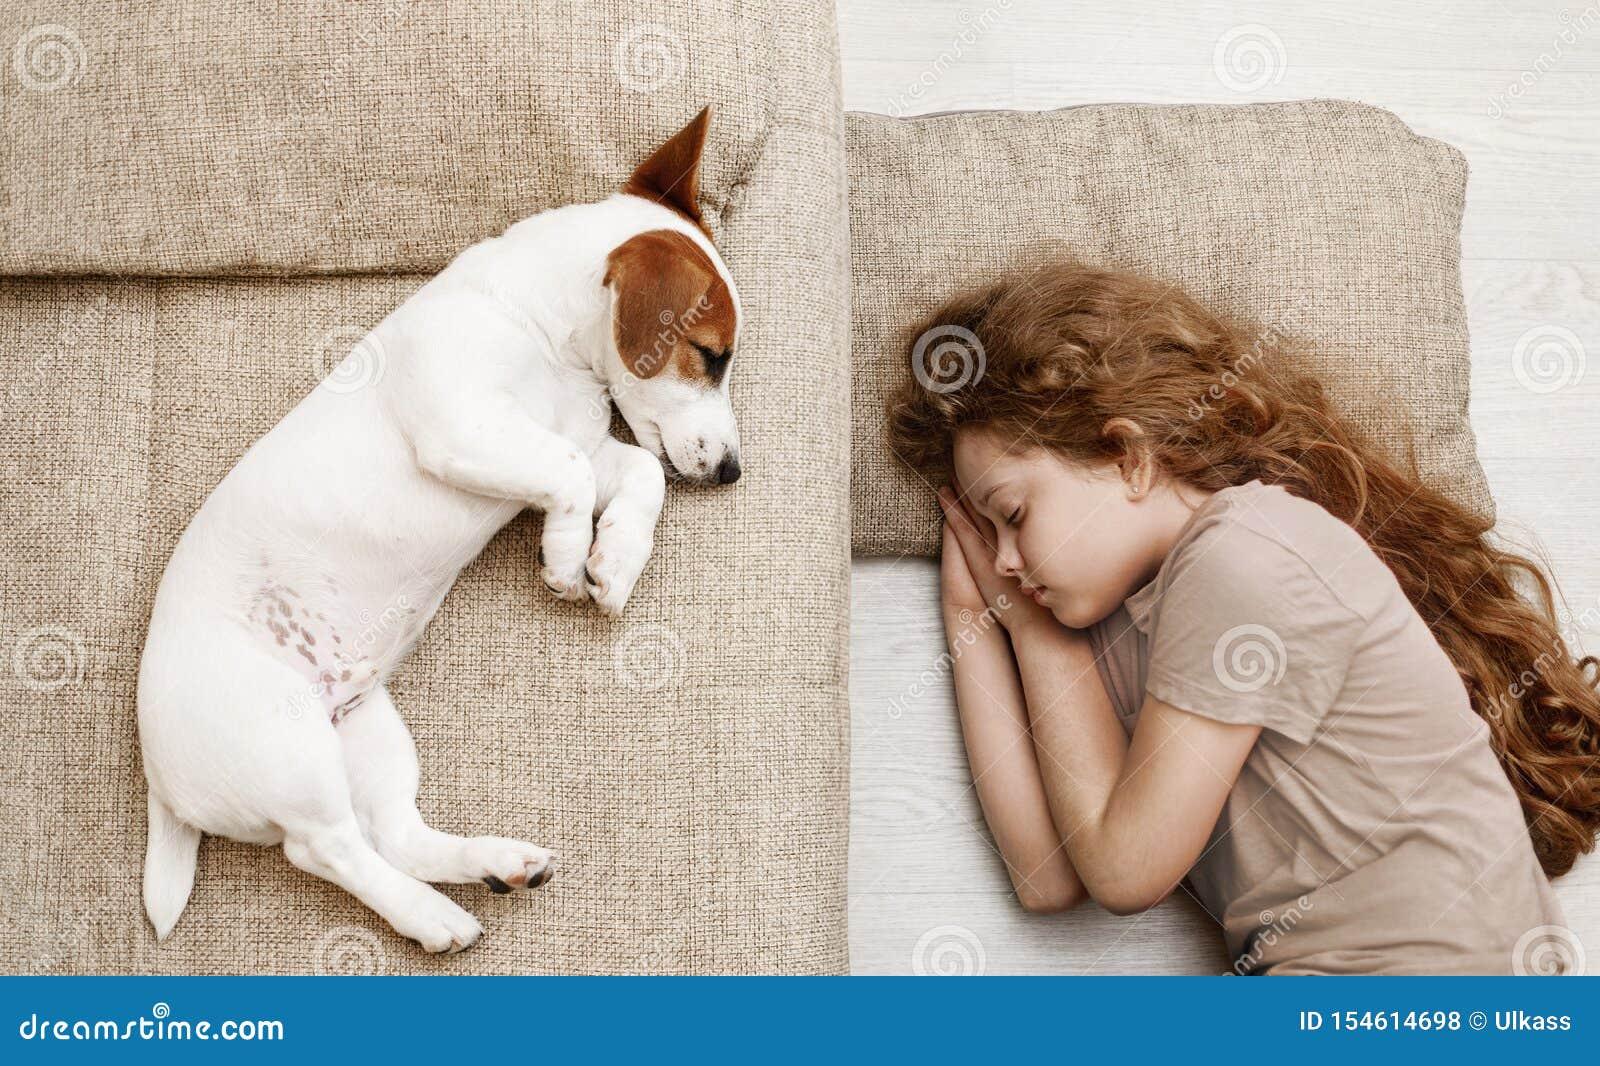 Το χαριτωμένο κουτάβι κοιμάται στο κρεβάτι